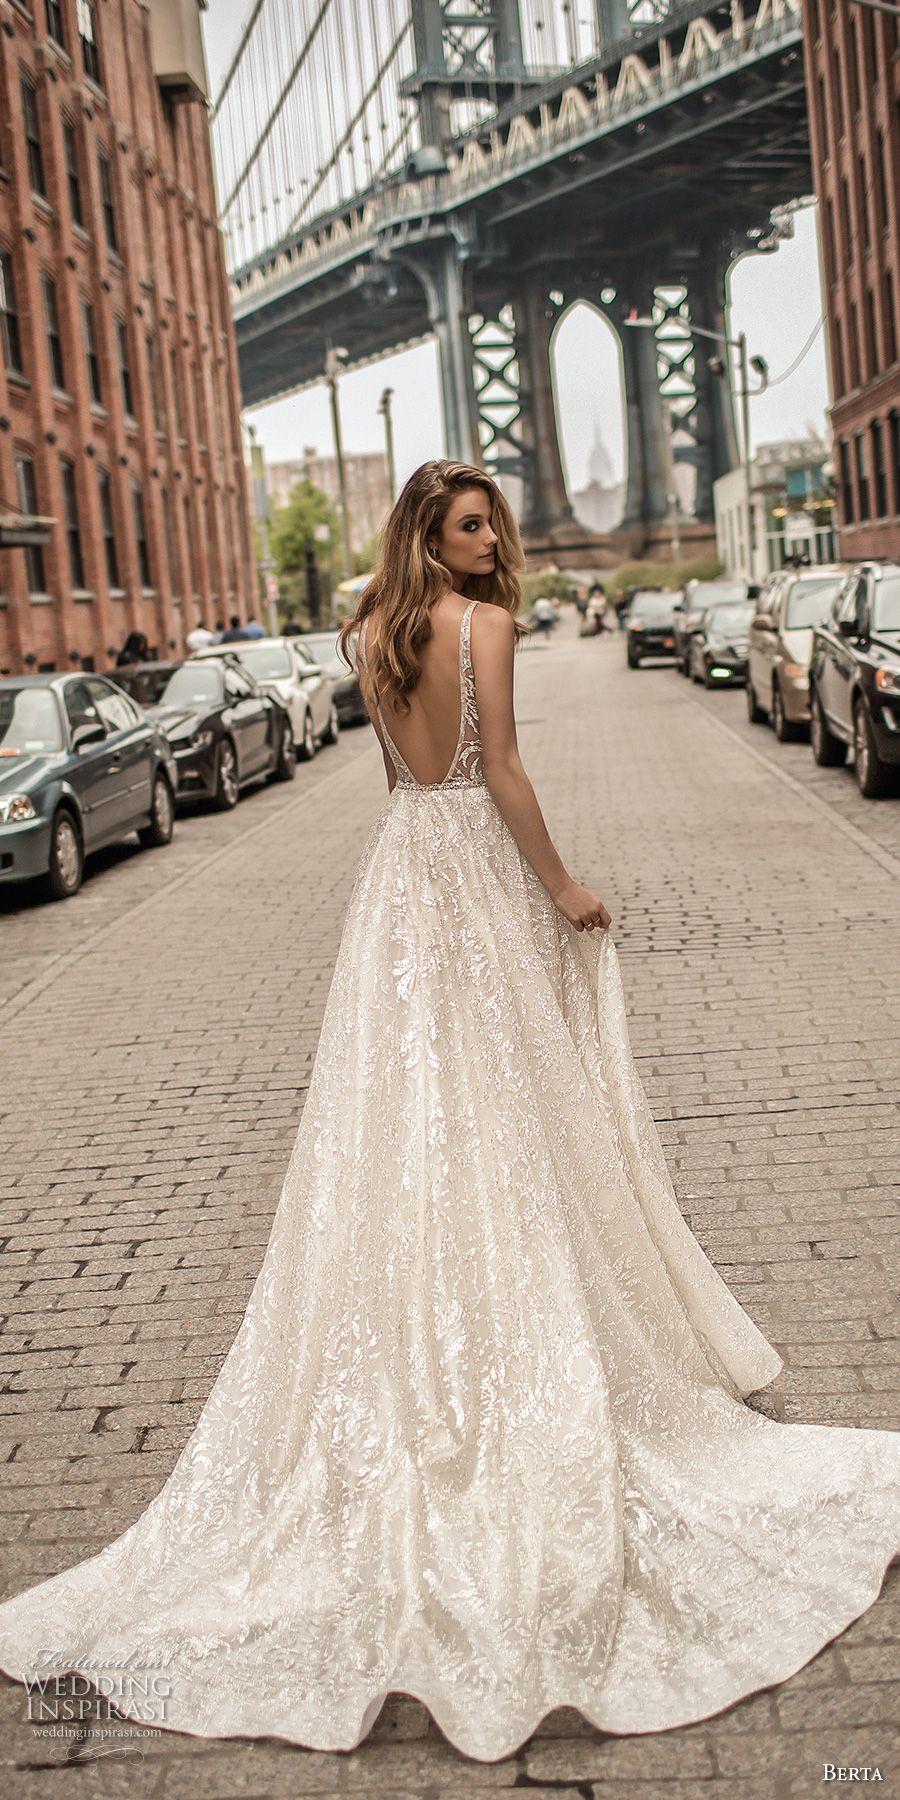 Berta Spring 2018 Wedding Dresses — Campaign Photos | Wedding Inspirasi